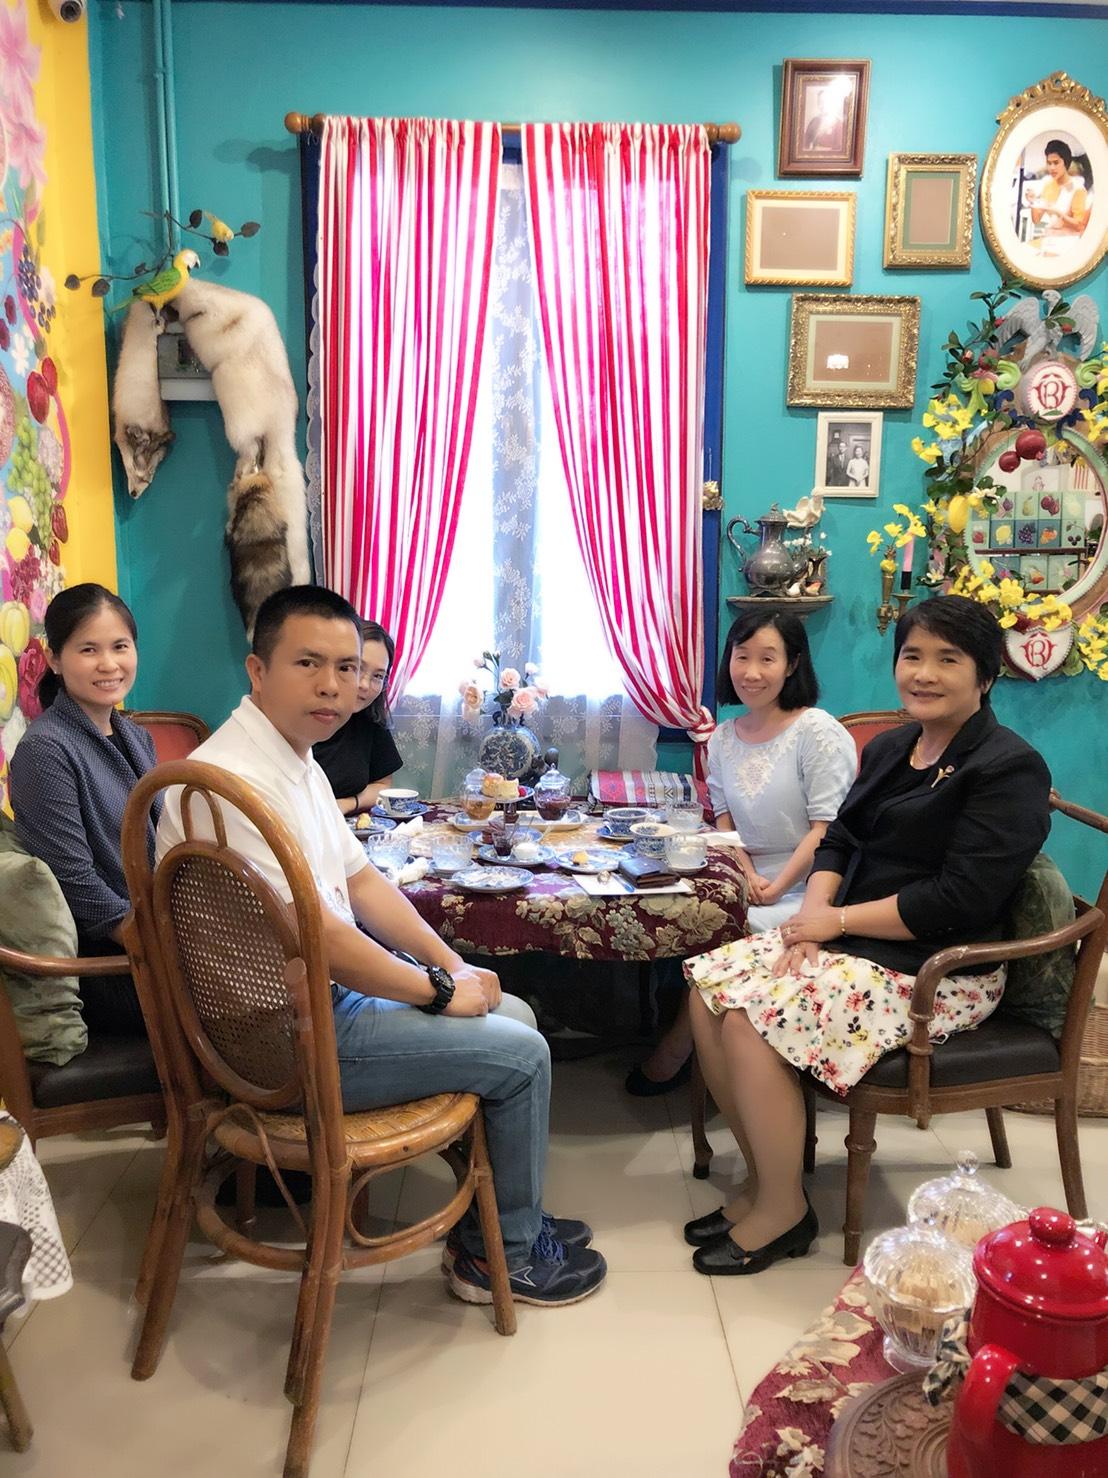 ให้การต้อนรับ Associate professor Huang Jing พระอาจารย์ผู้ถวายการสอนภาษาจีนแด่สมเด็จพระเทพรัตนราชสุดาฯ สยามบรมราชกุมารี